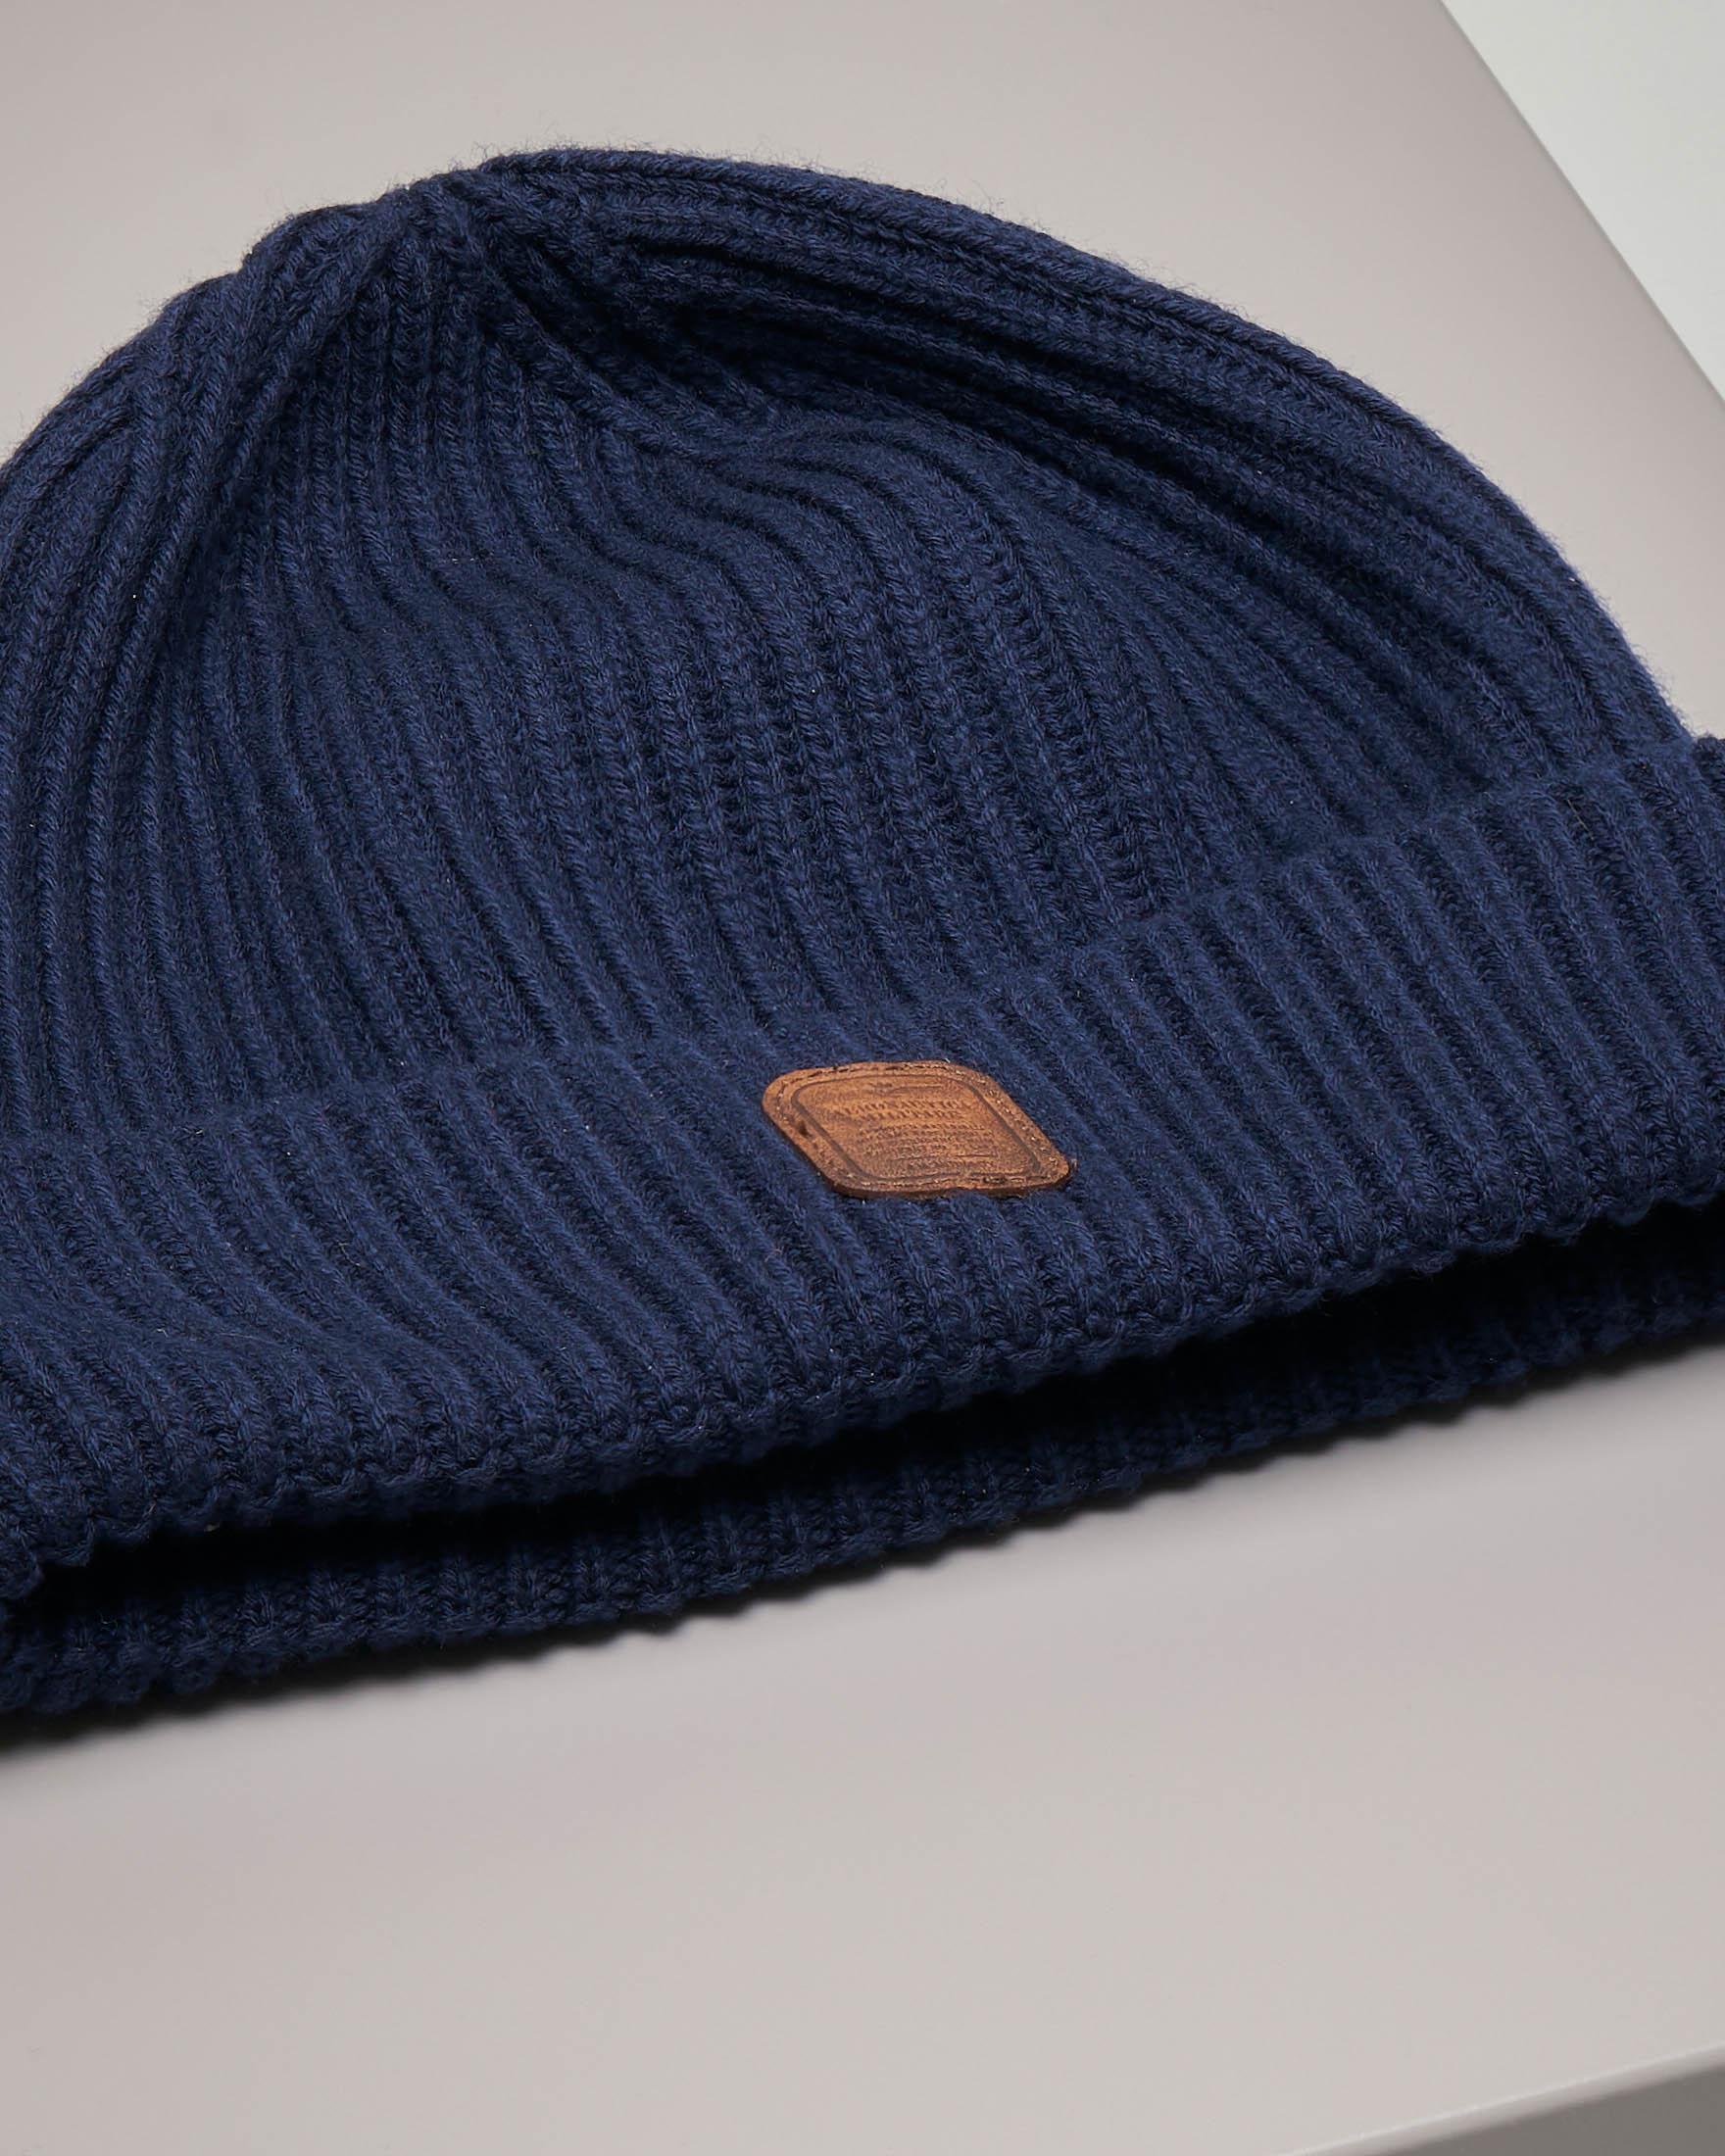 Berretto blu in misto lana e cotone con logo in pelle